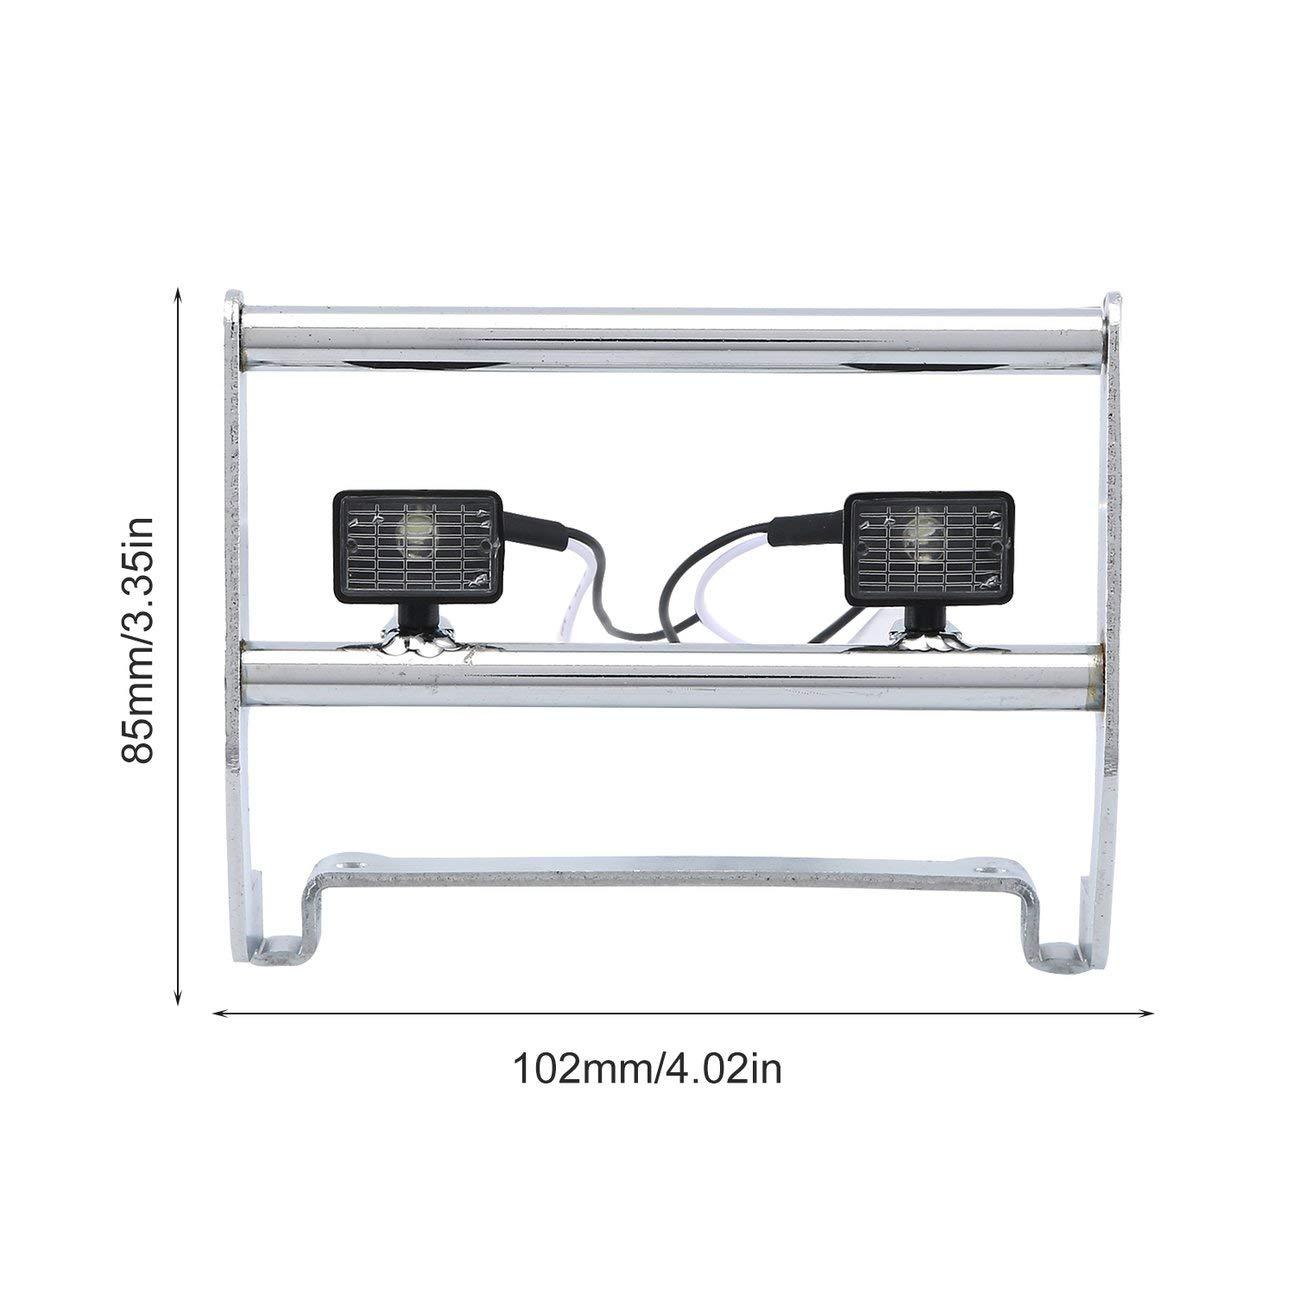 MachinYesity Paraurti in Acciaio Inossidabile Accessori per stampi per Veicoli Giocattoli Modello Paraurti con Buggy con luci per TRAXXAS TRX-4 Rock 1//10 RC Truck Argento